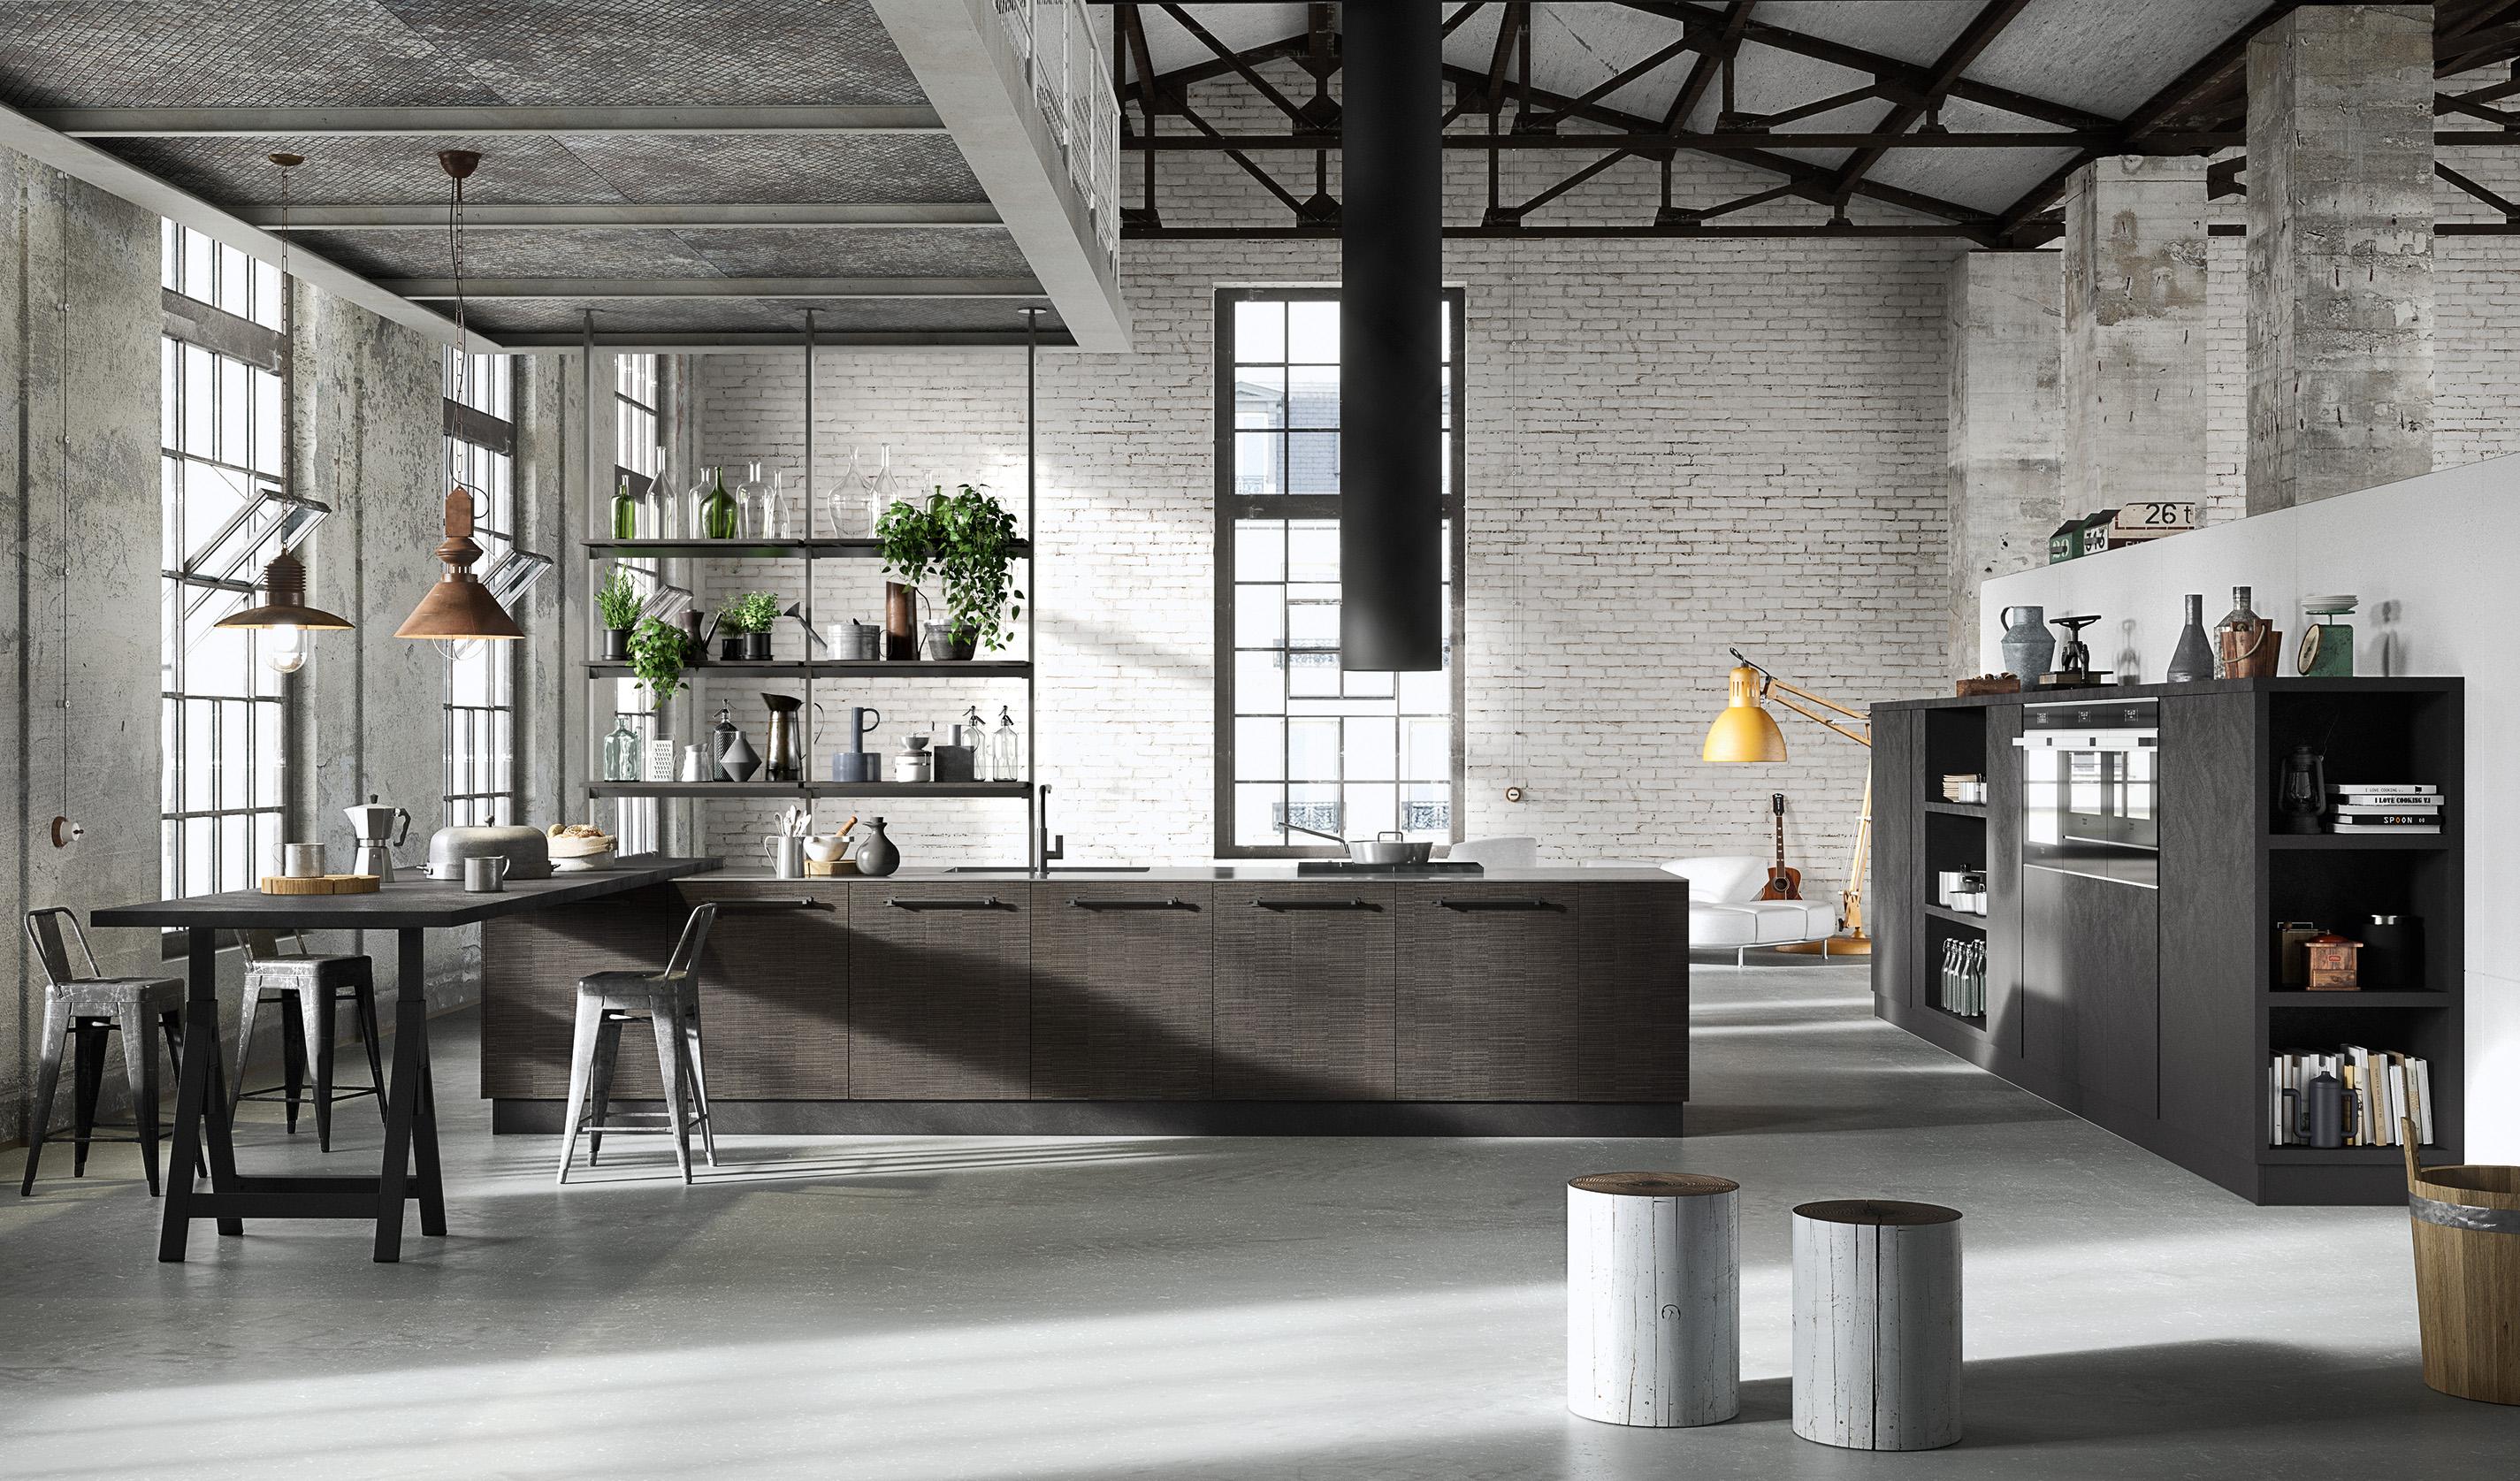 Cucina trama mobili martinelli for Martinelli arredamenti